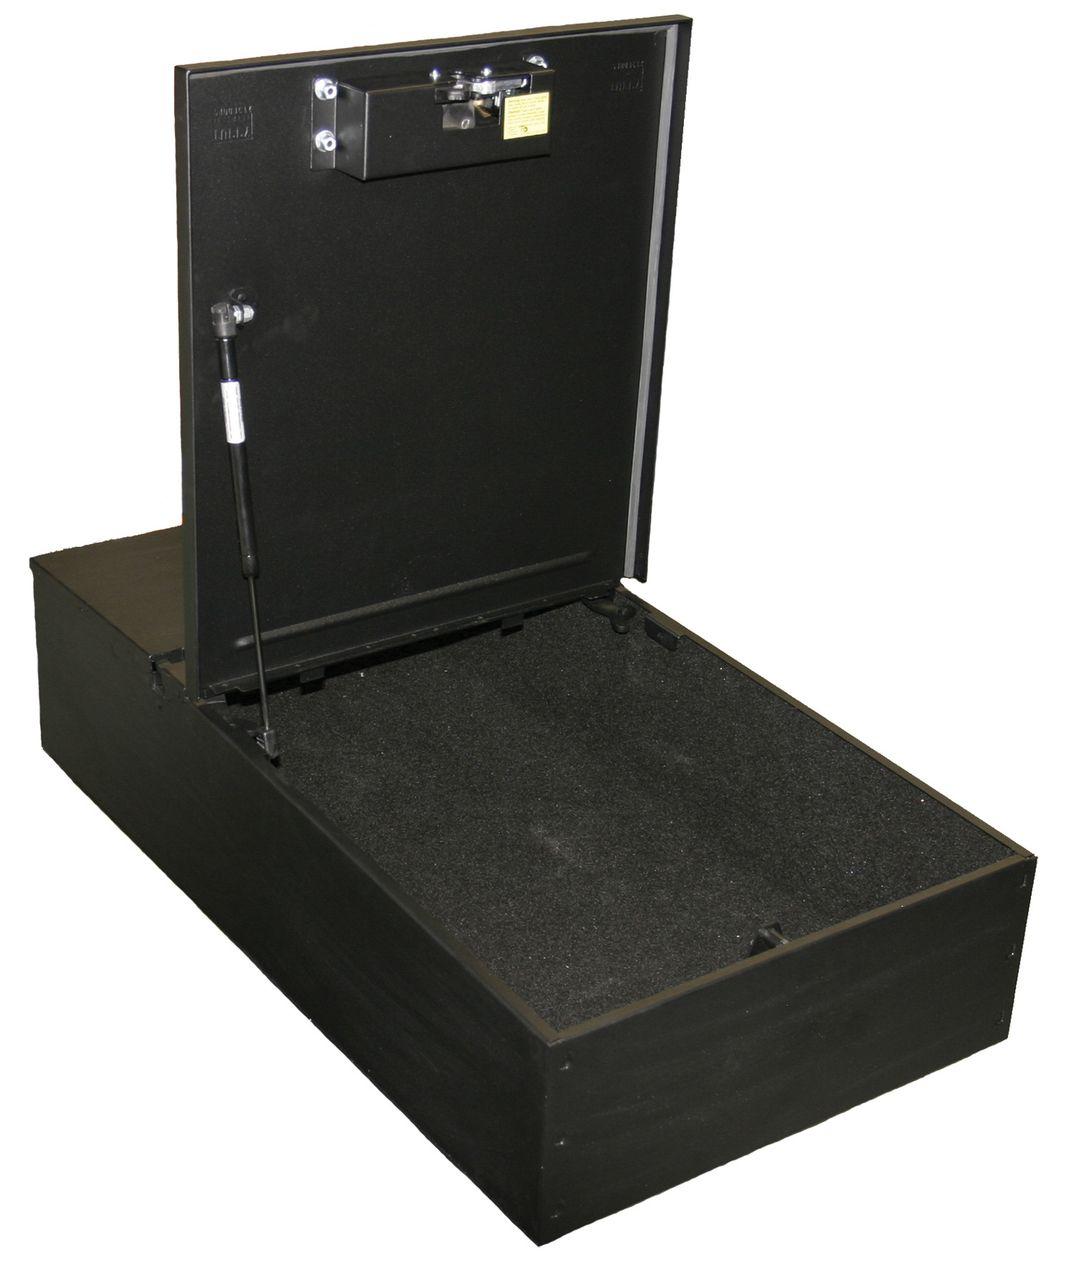 NOVISauto Kofferraum Sicherheitsbox Gewehrbox und Waffentresor Fahrzeuge Gasfeder Deckel 253